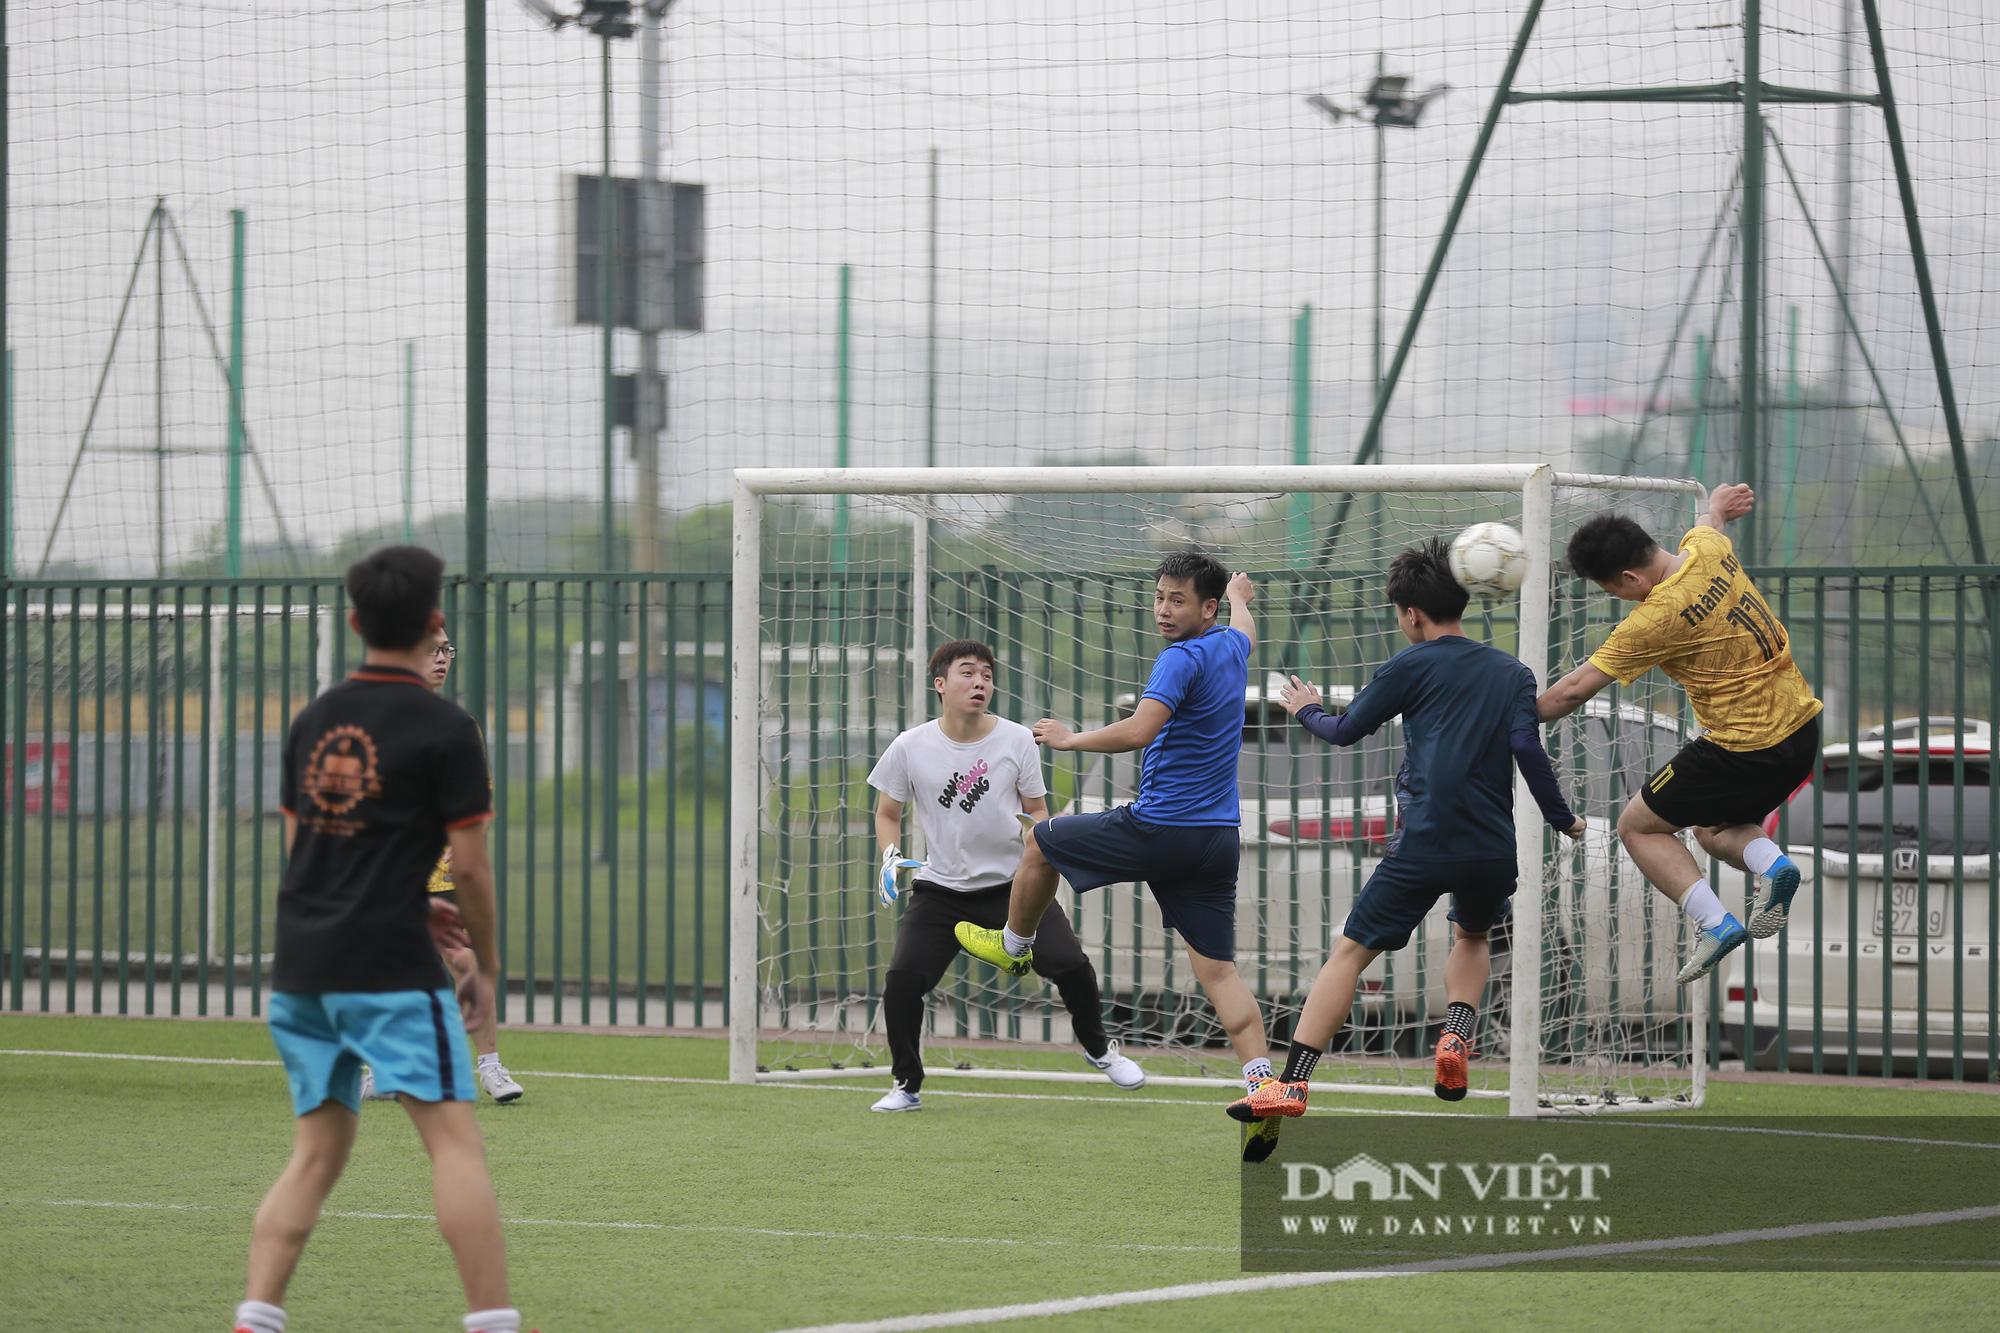 Khoảnh khắc lượt trận cuối cùng vòng bảng giải bóng đá báo NTNN/Dân Việt  - Ảnh 3.